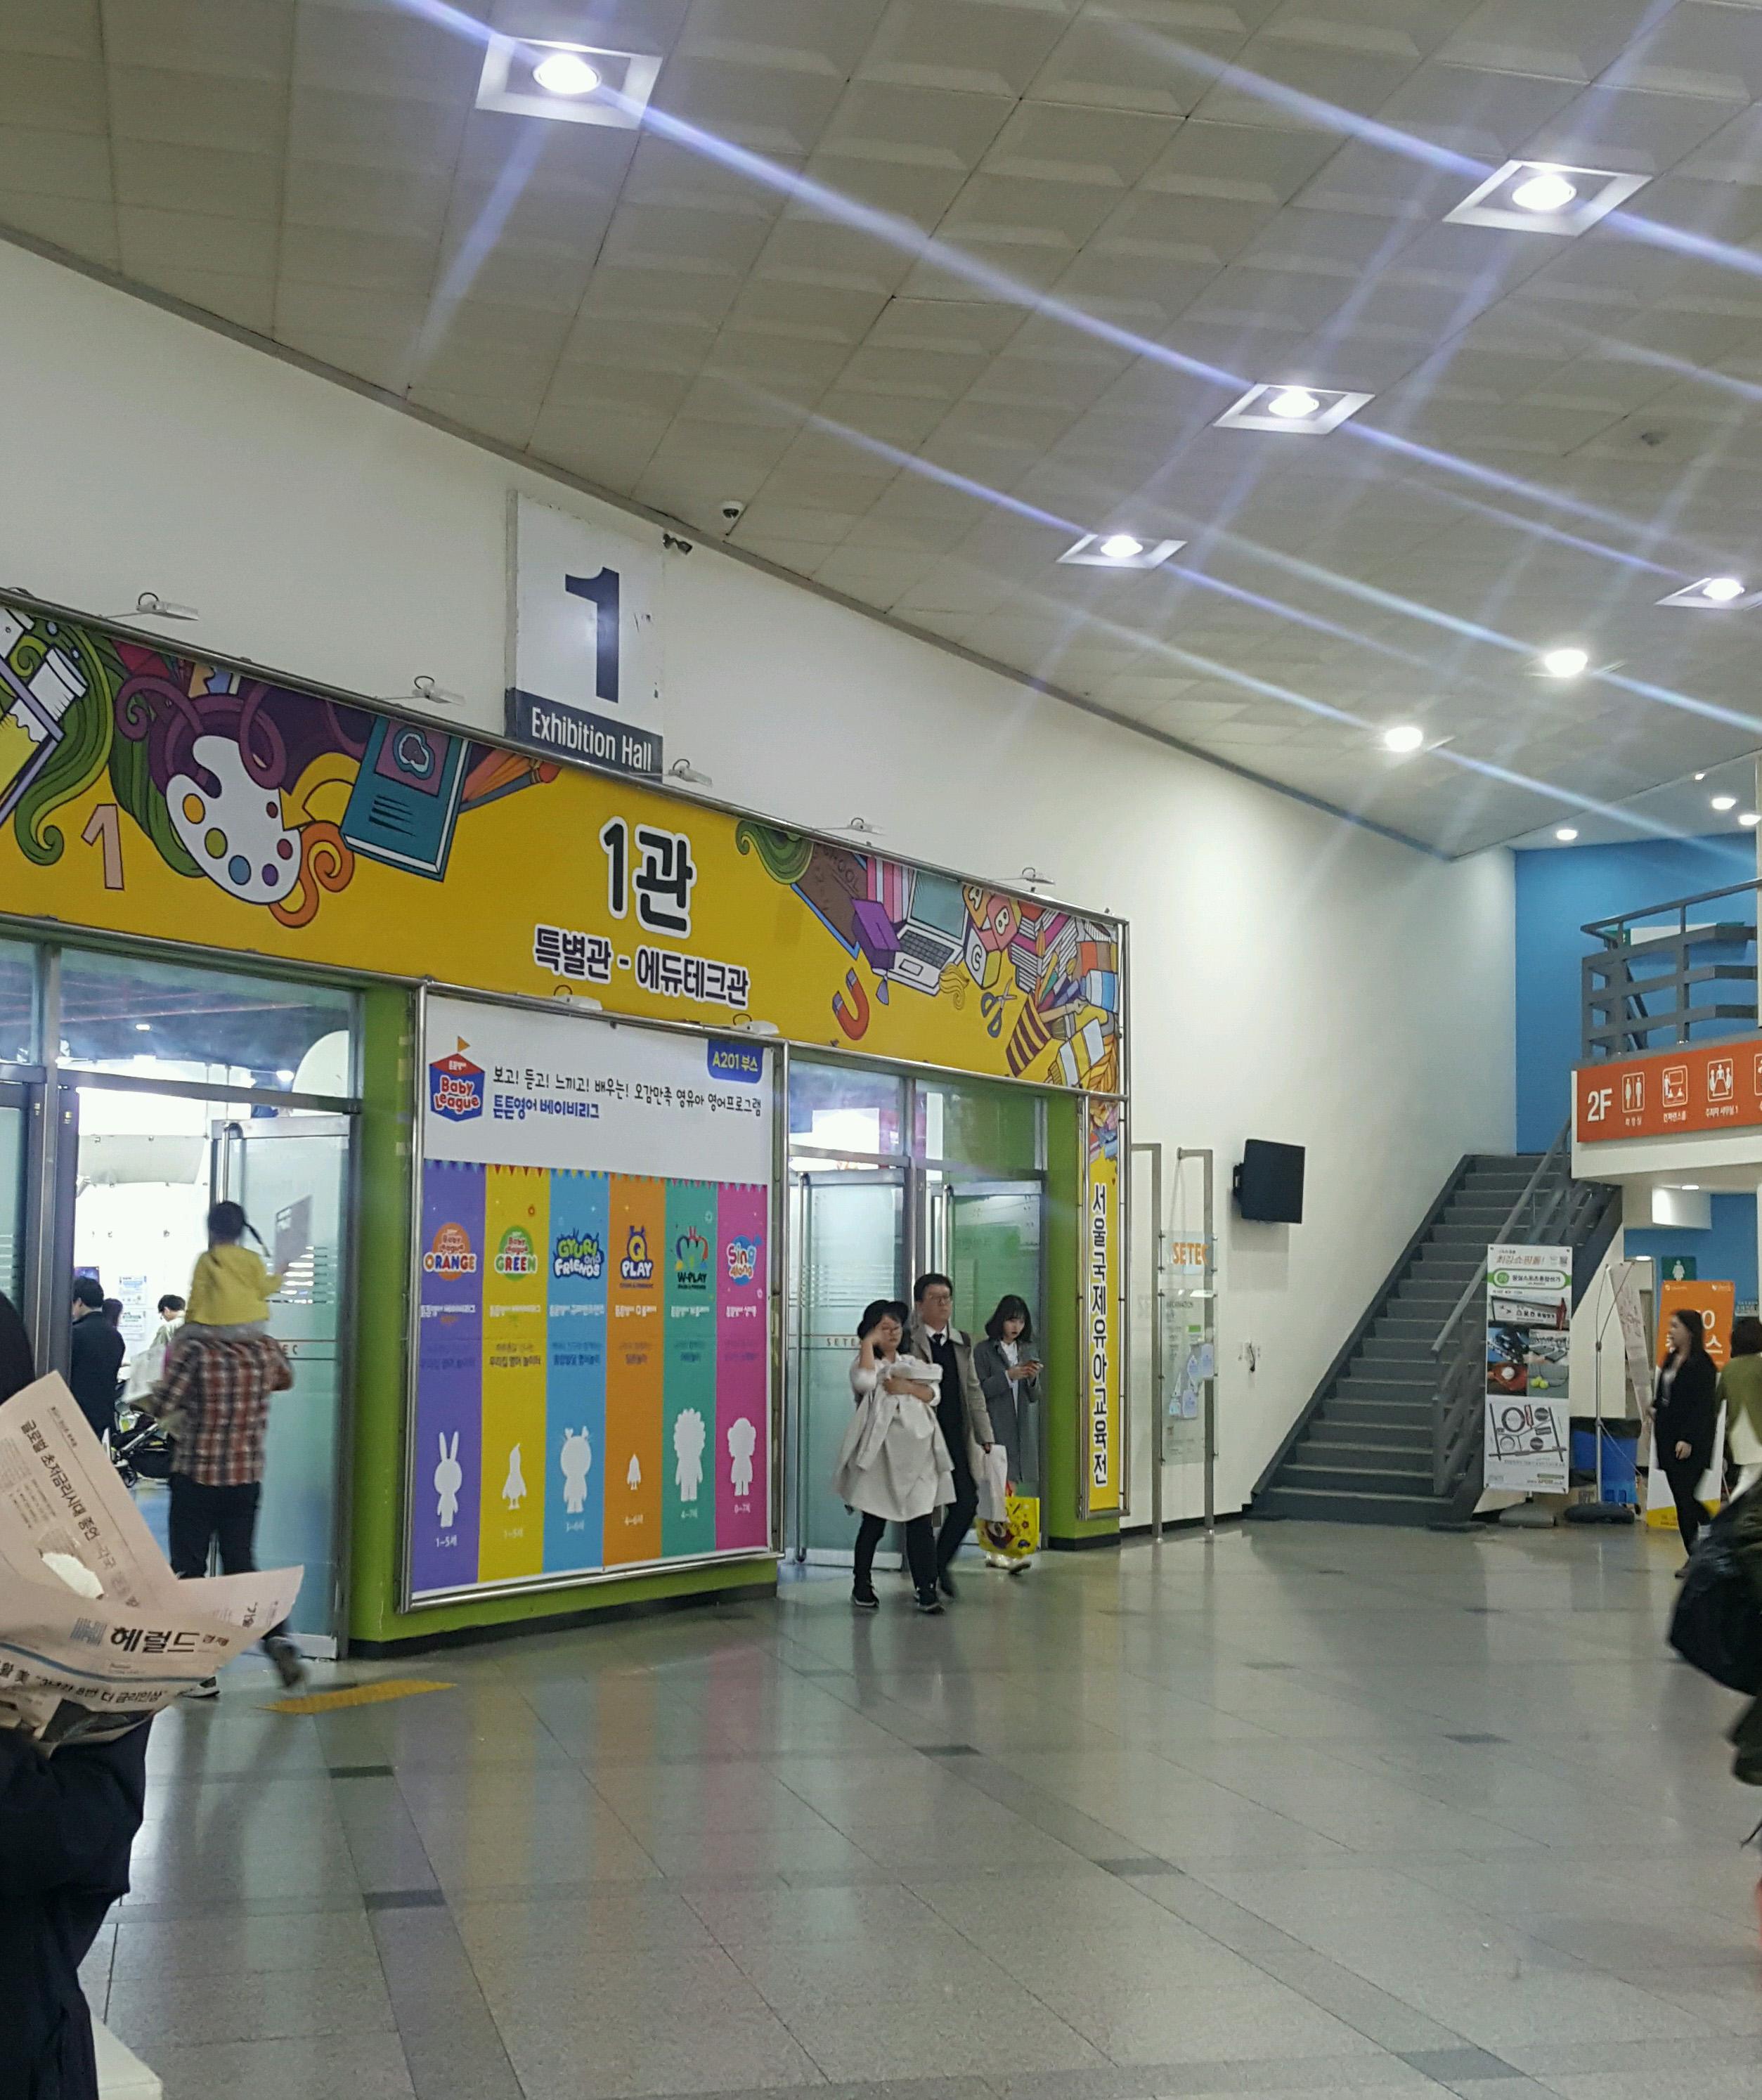 17-04-08-11-25-15-750_photo-1